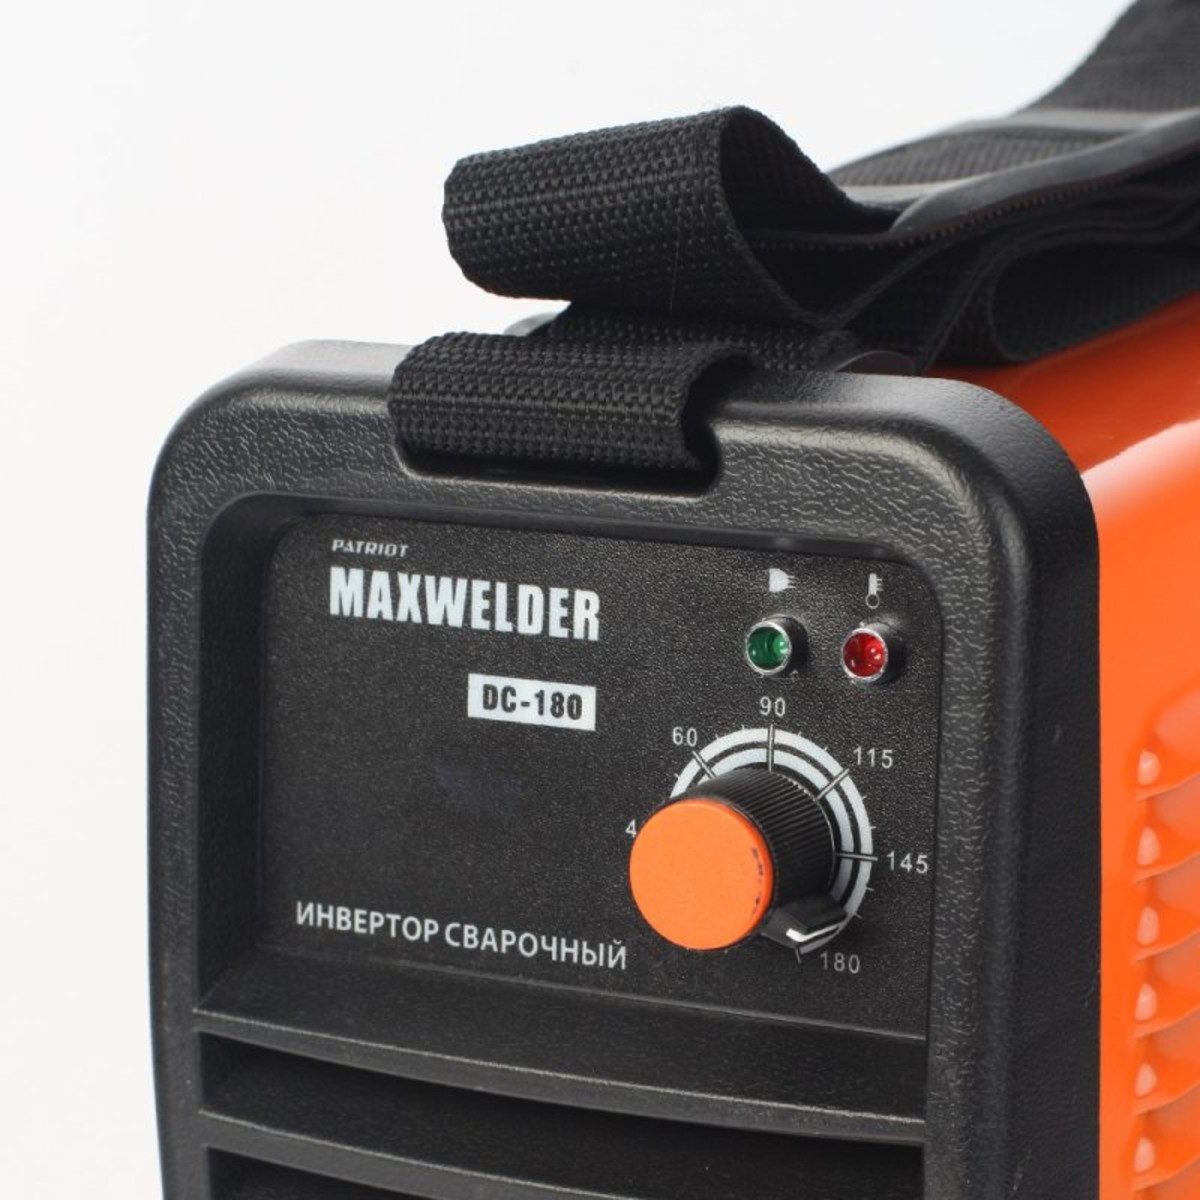 Дуговой Сварочный Инвертор Max Welder Dc-180 605302030